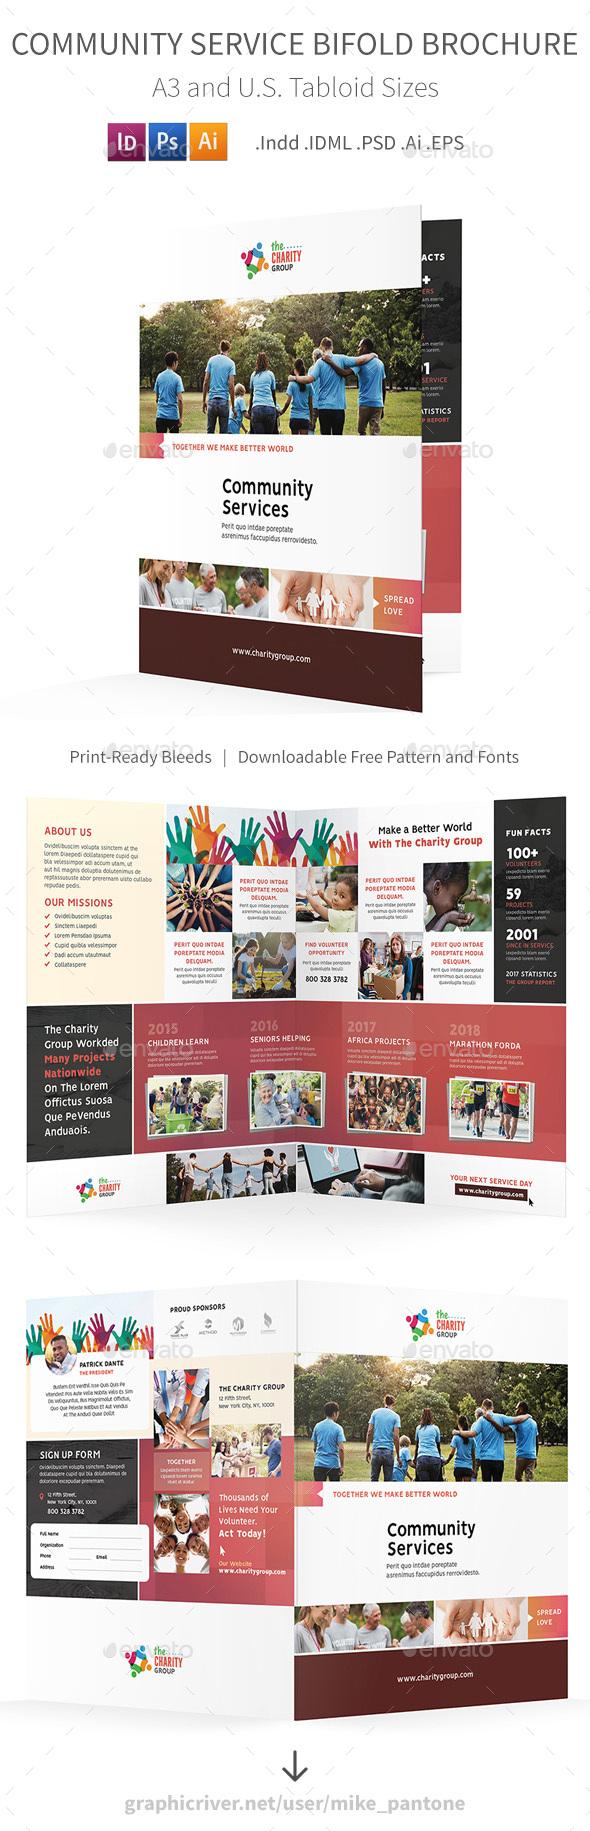 Community Service Bifold / Halffold Brochure 2 - Informational Brochures